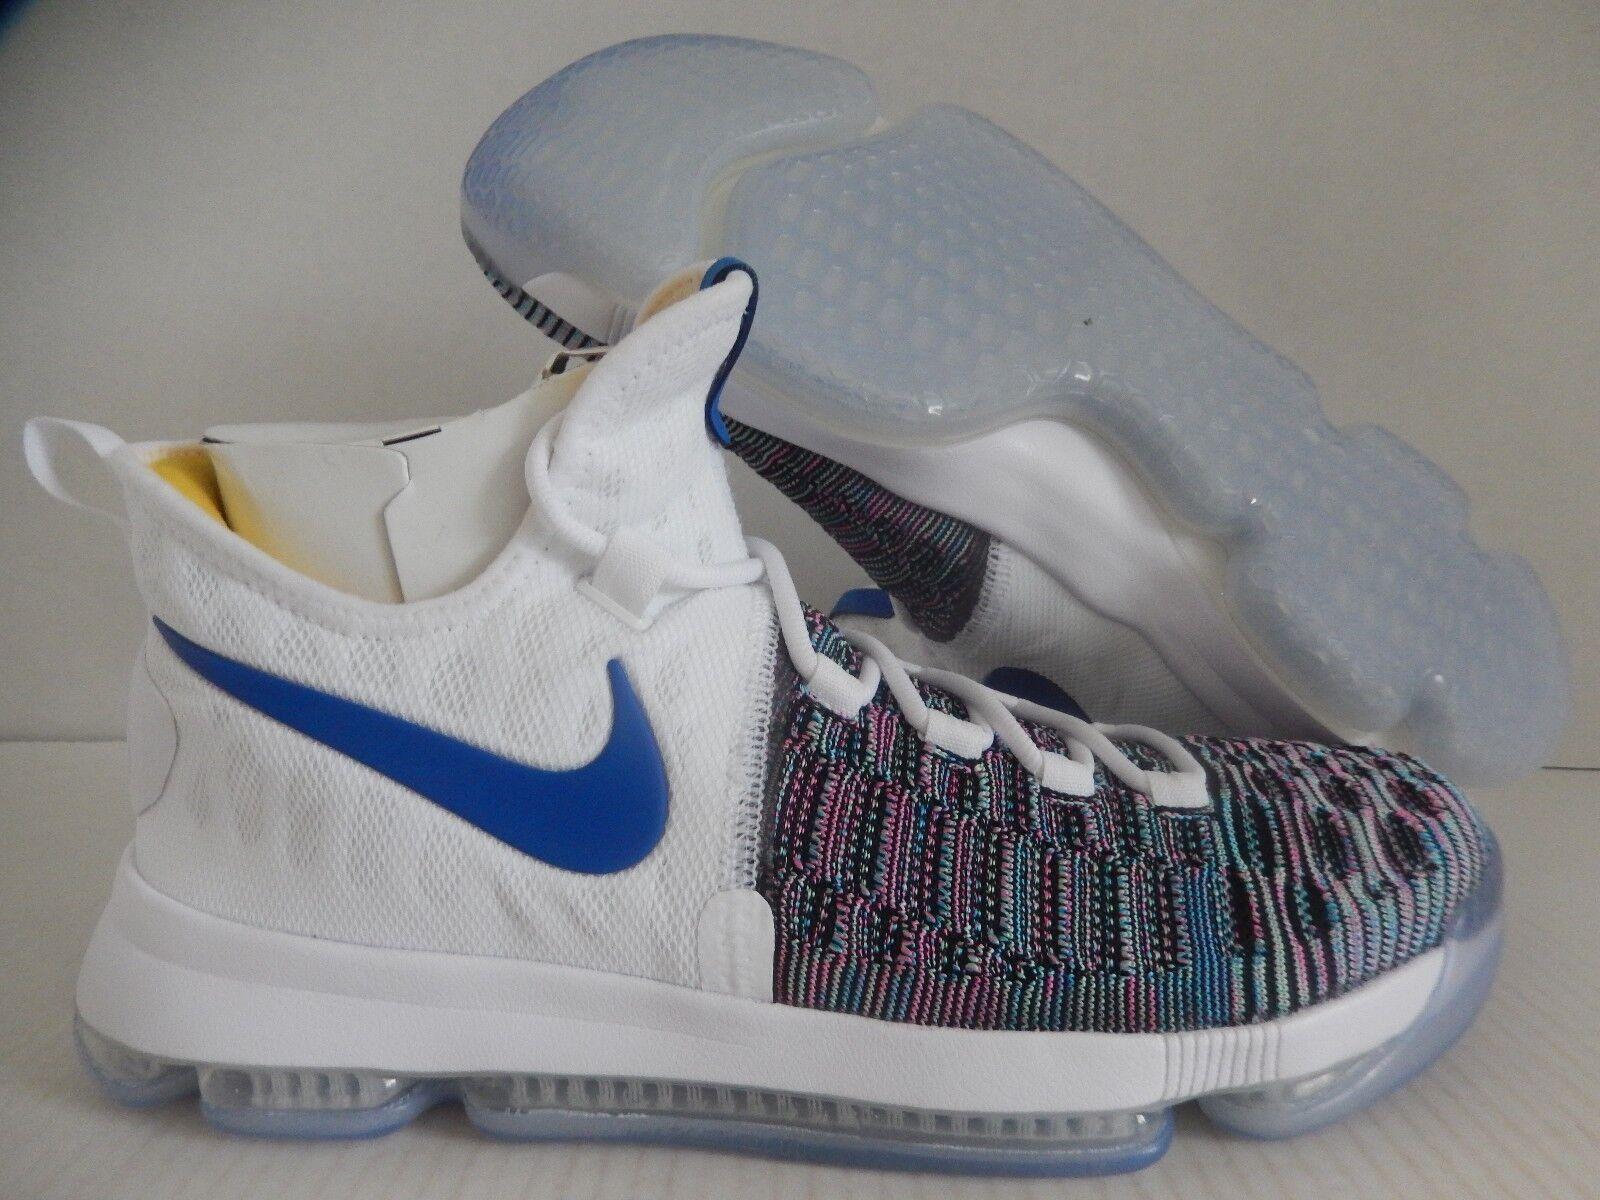 Nike kd 9 id Weiß-Blau